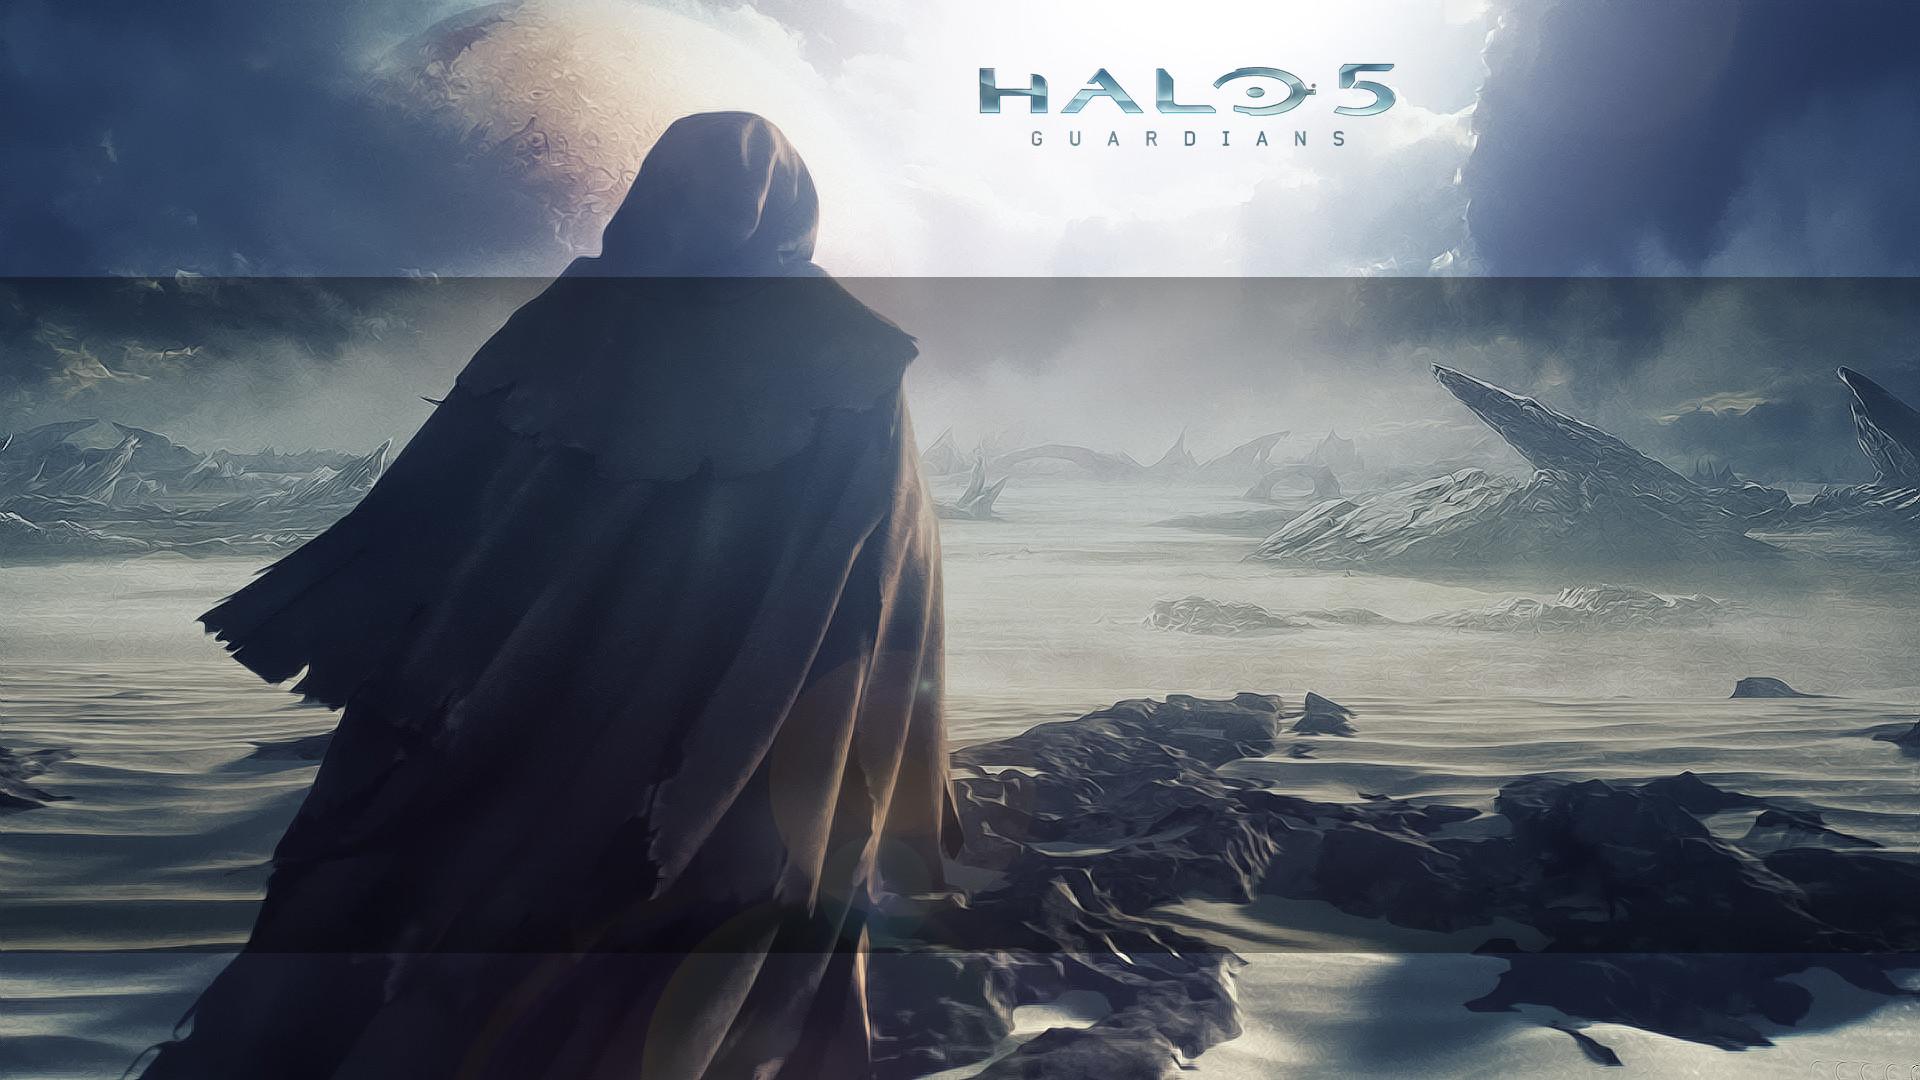 Halo 5 Guardians 1920x1080